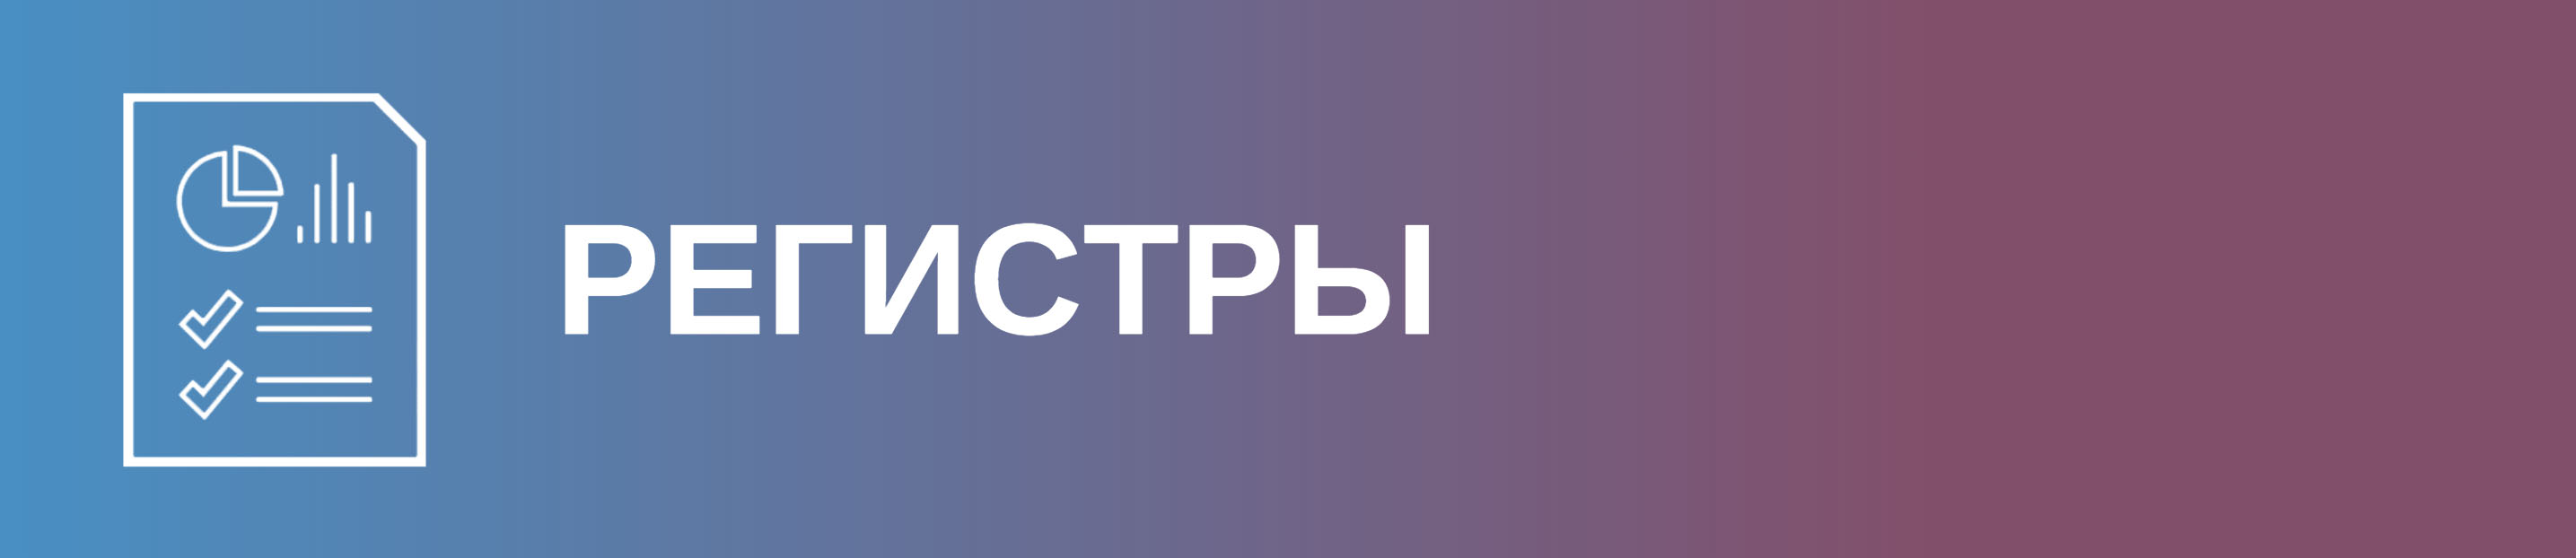 Российские и международные регистры по донорству и трансплантации